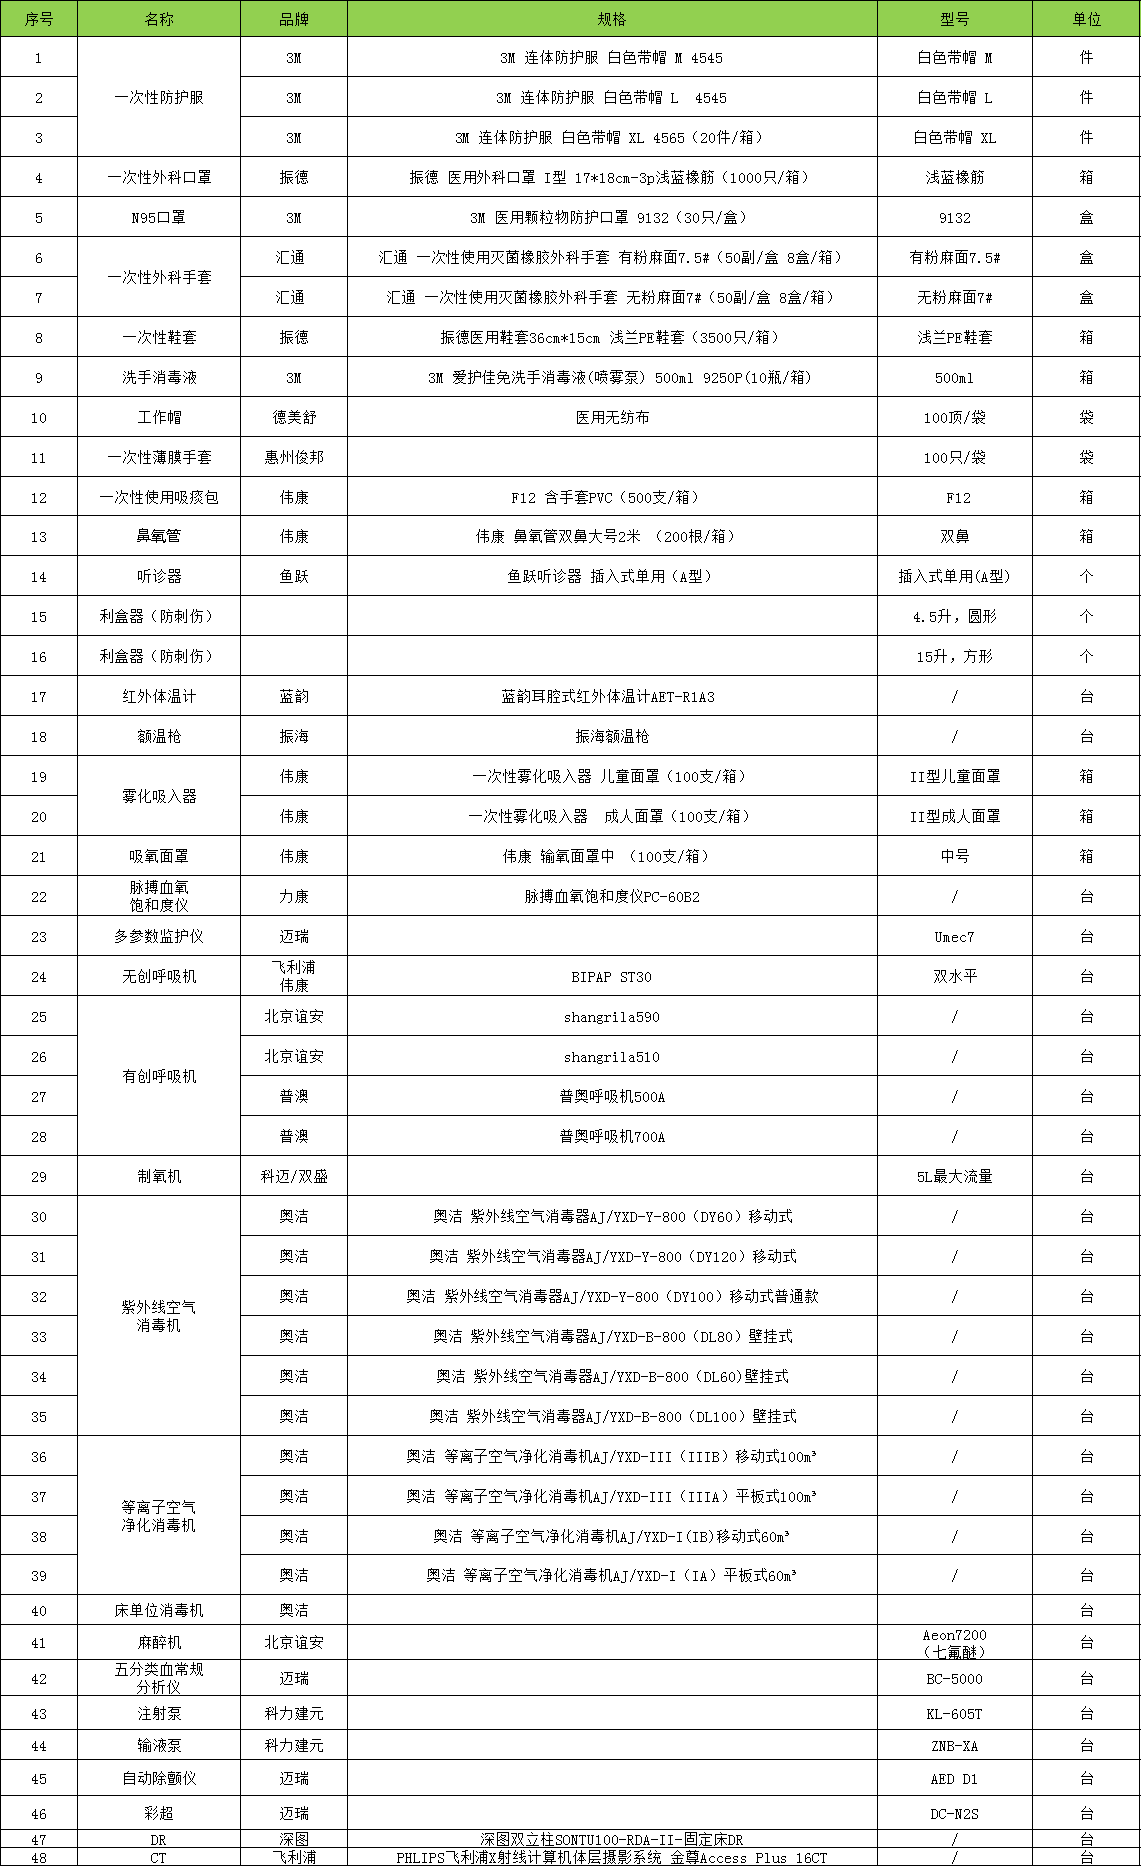 武汉冠状病毒疫情防控所需应急设备采购清单